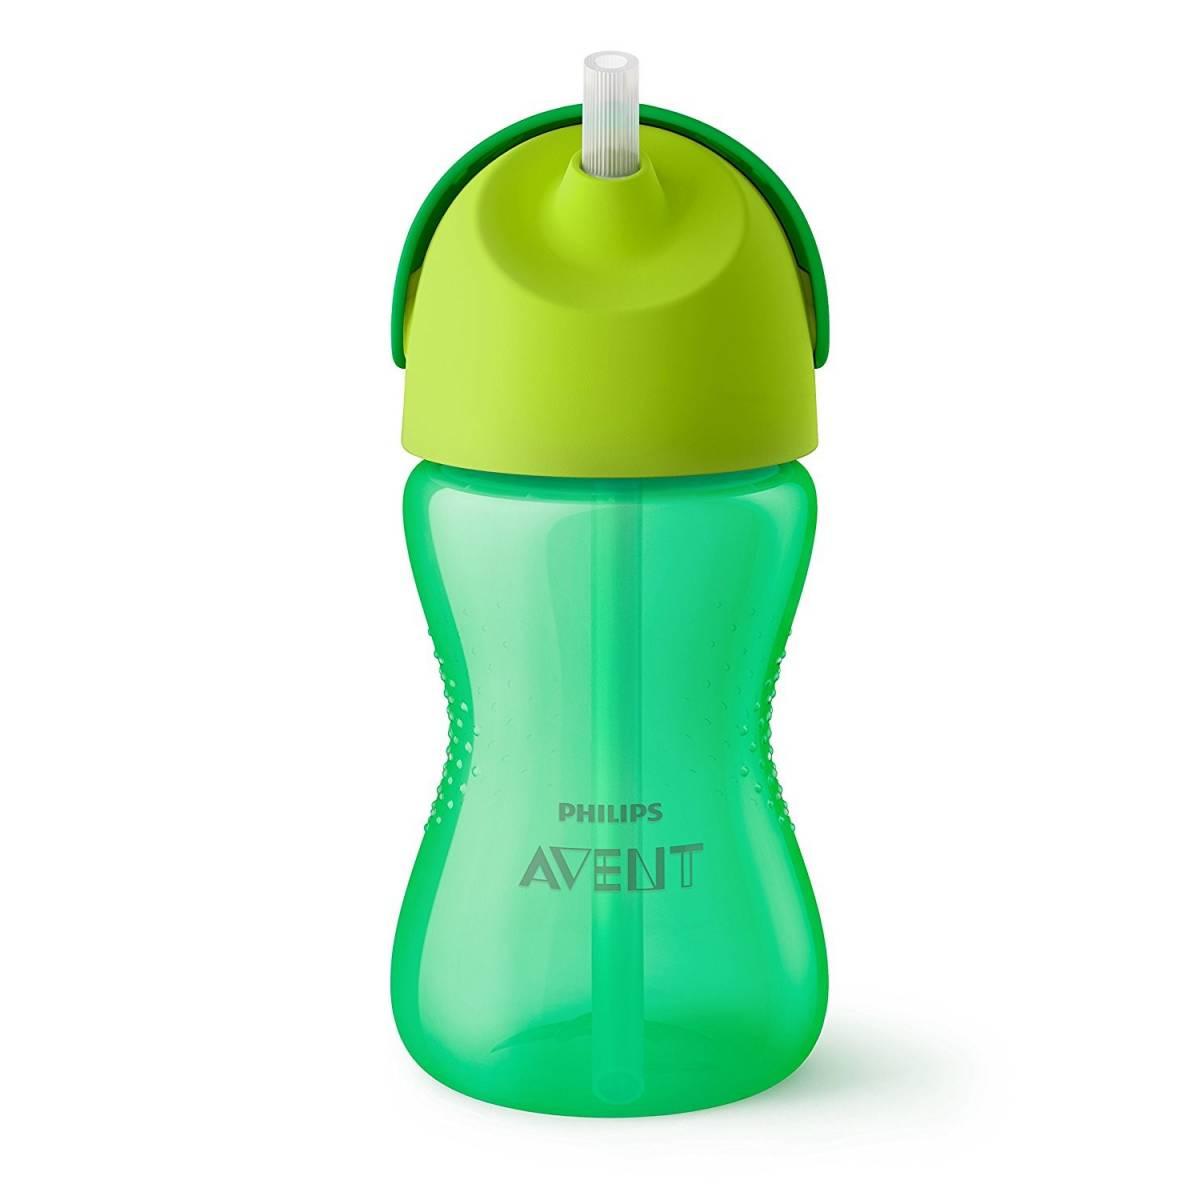 Philips Avent - Tasse Paille 300ml - Vert 12 mois +